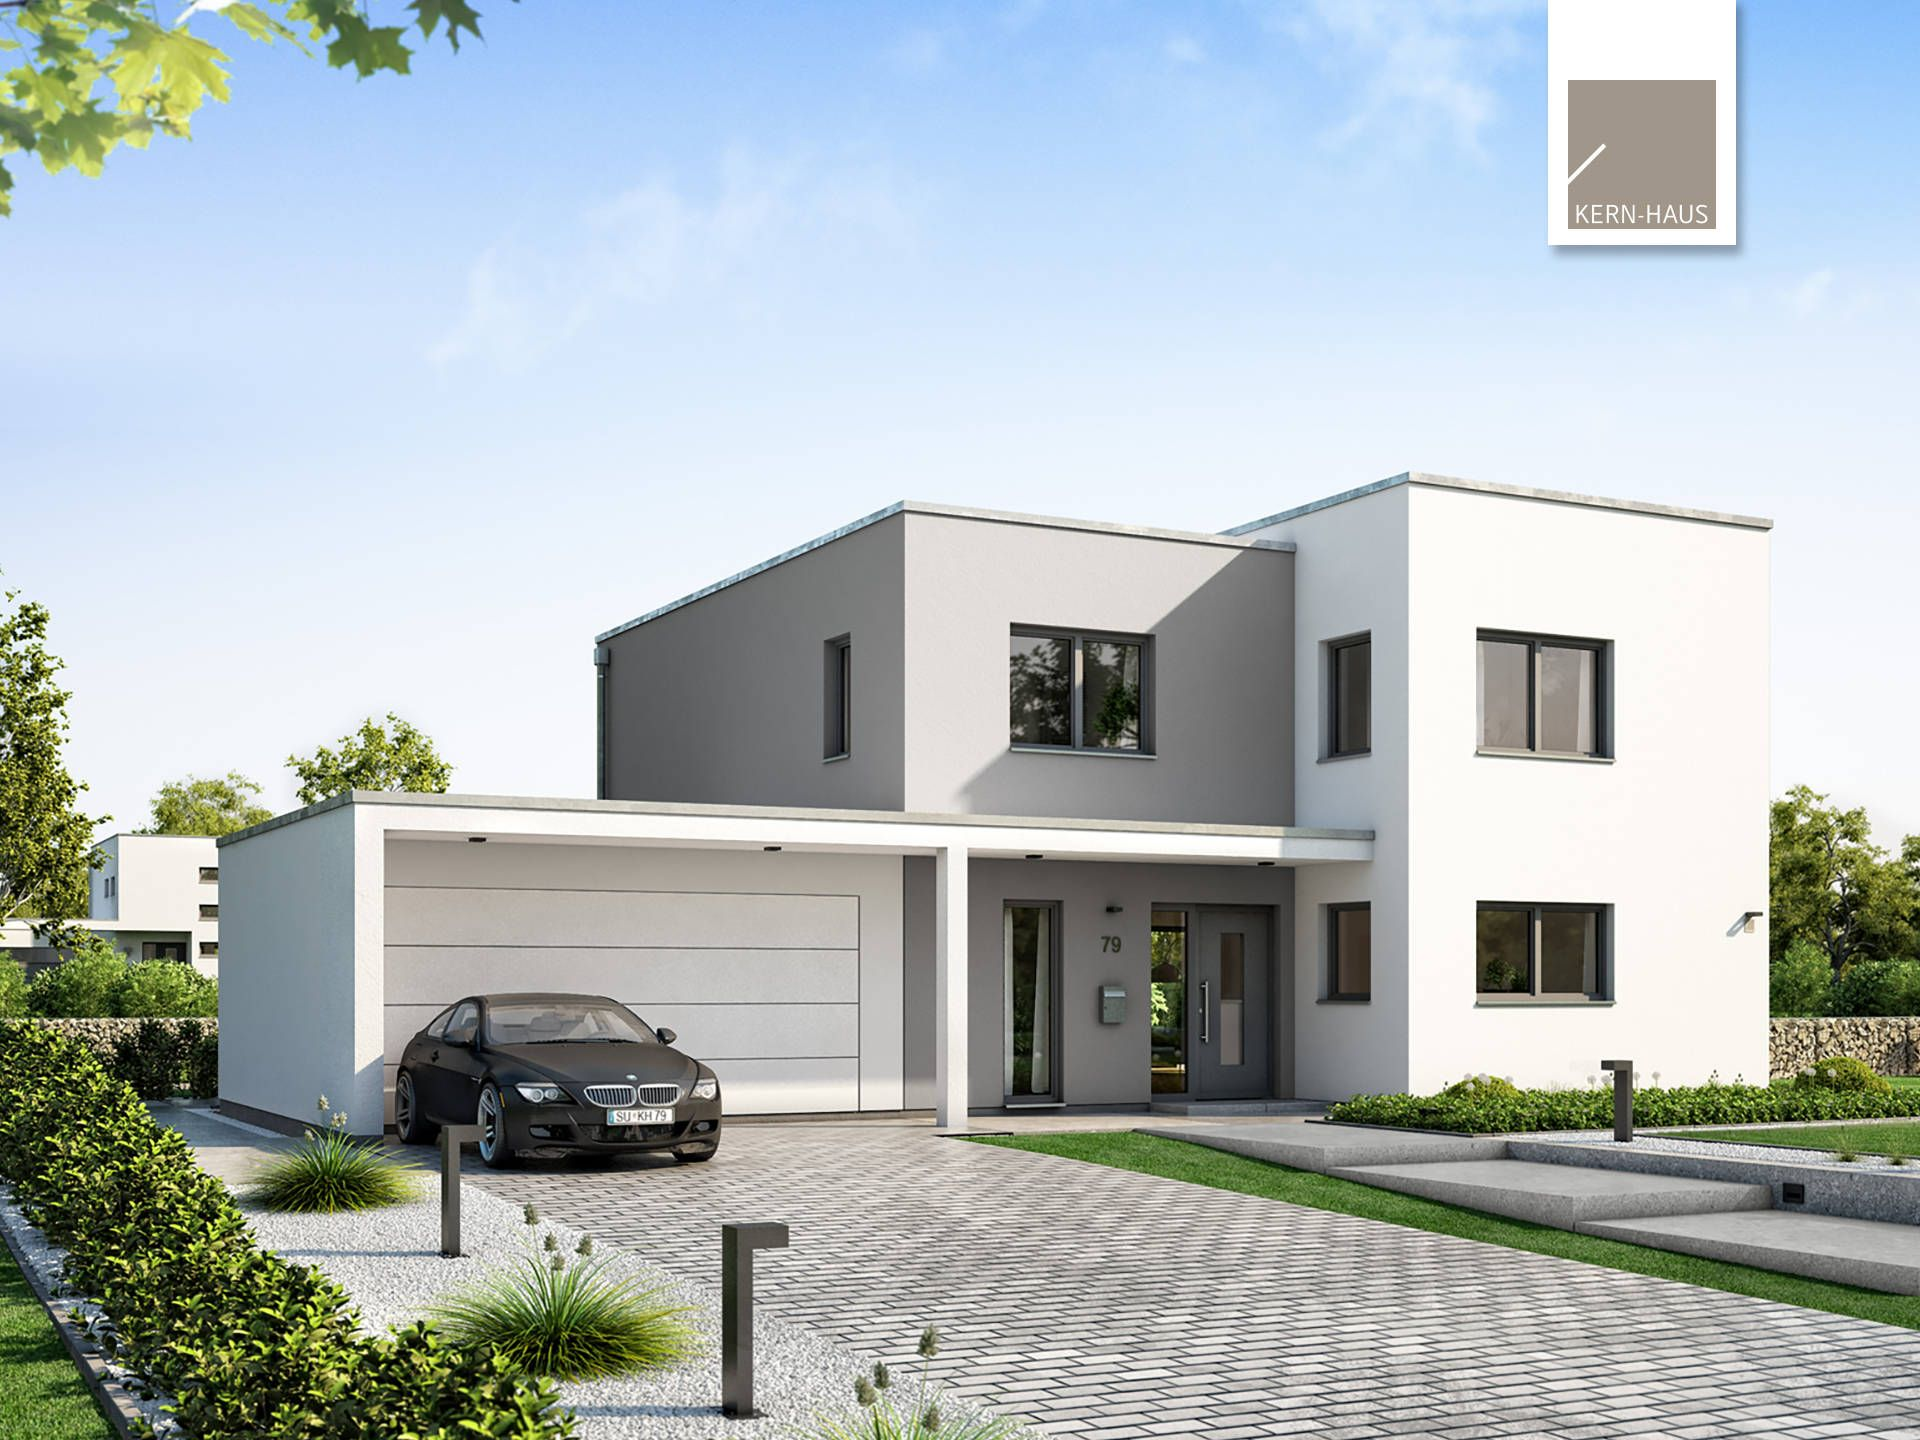 Moderne häuser pultdach  Bauhaus mit Satteldach in Löderburg - Architekten + Ingenieure ...